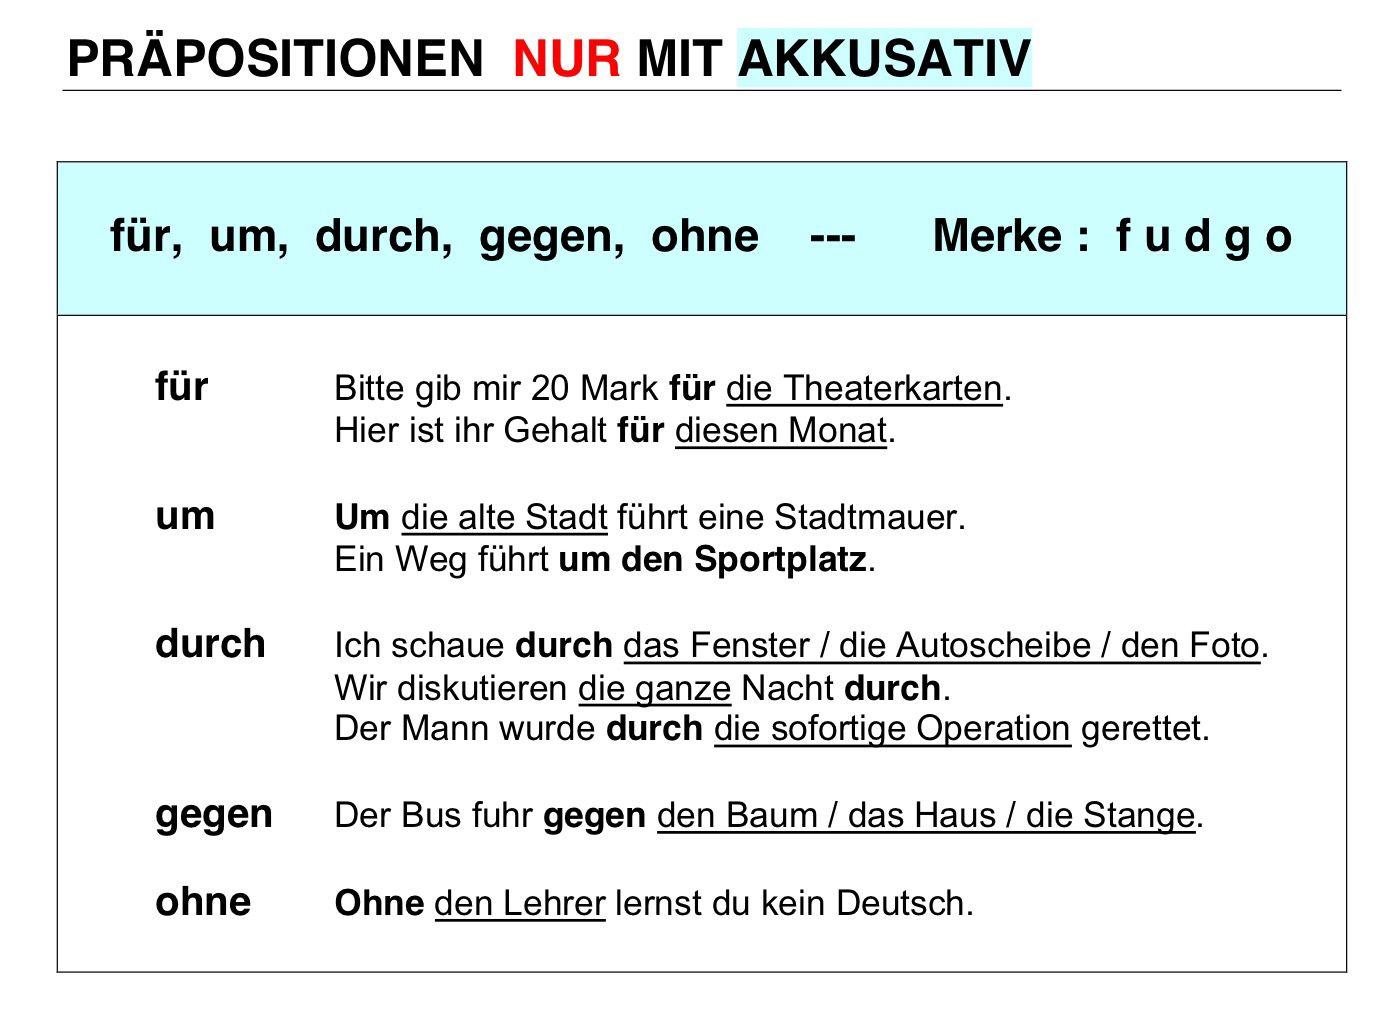 Pr positionen nur mit akkusativ alem n deutsch for Prapositionen mit akkusativ